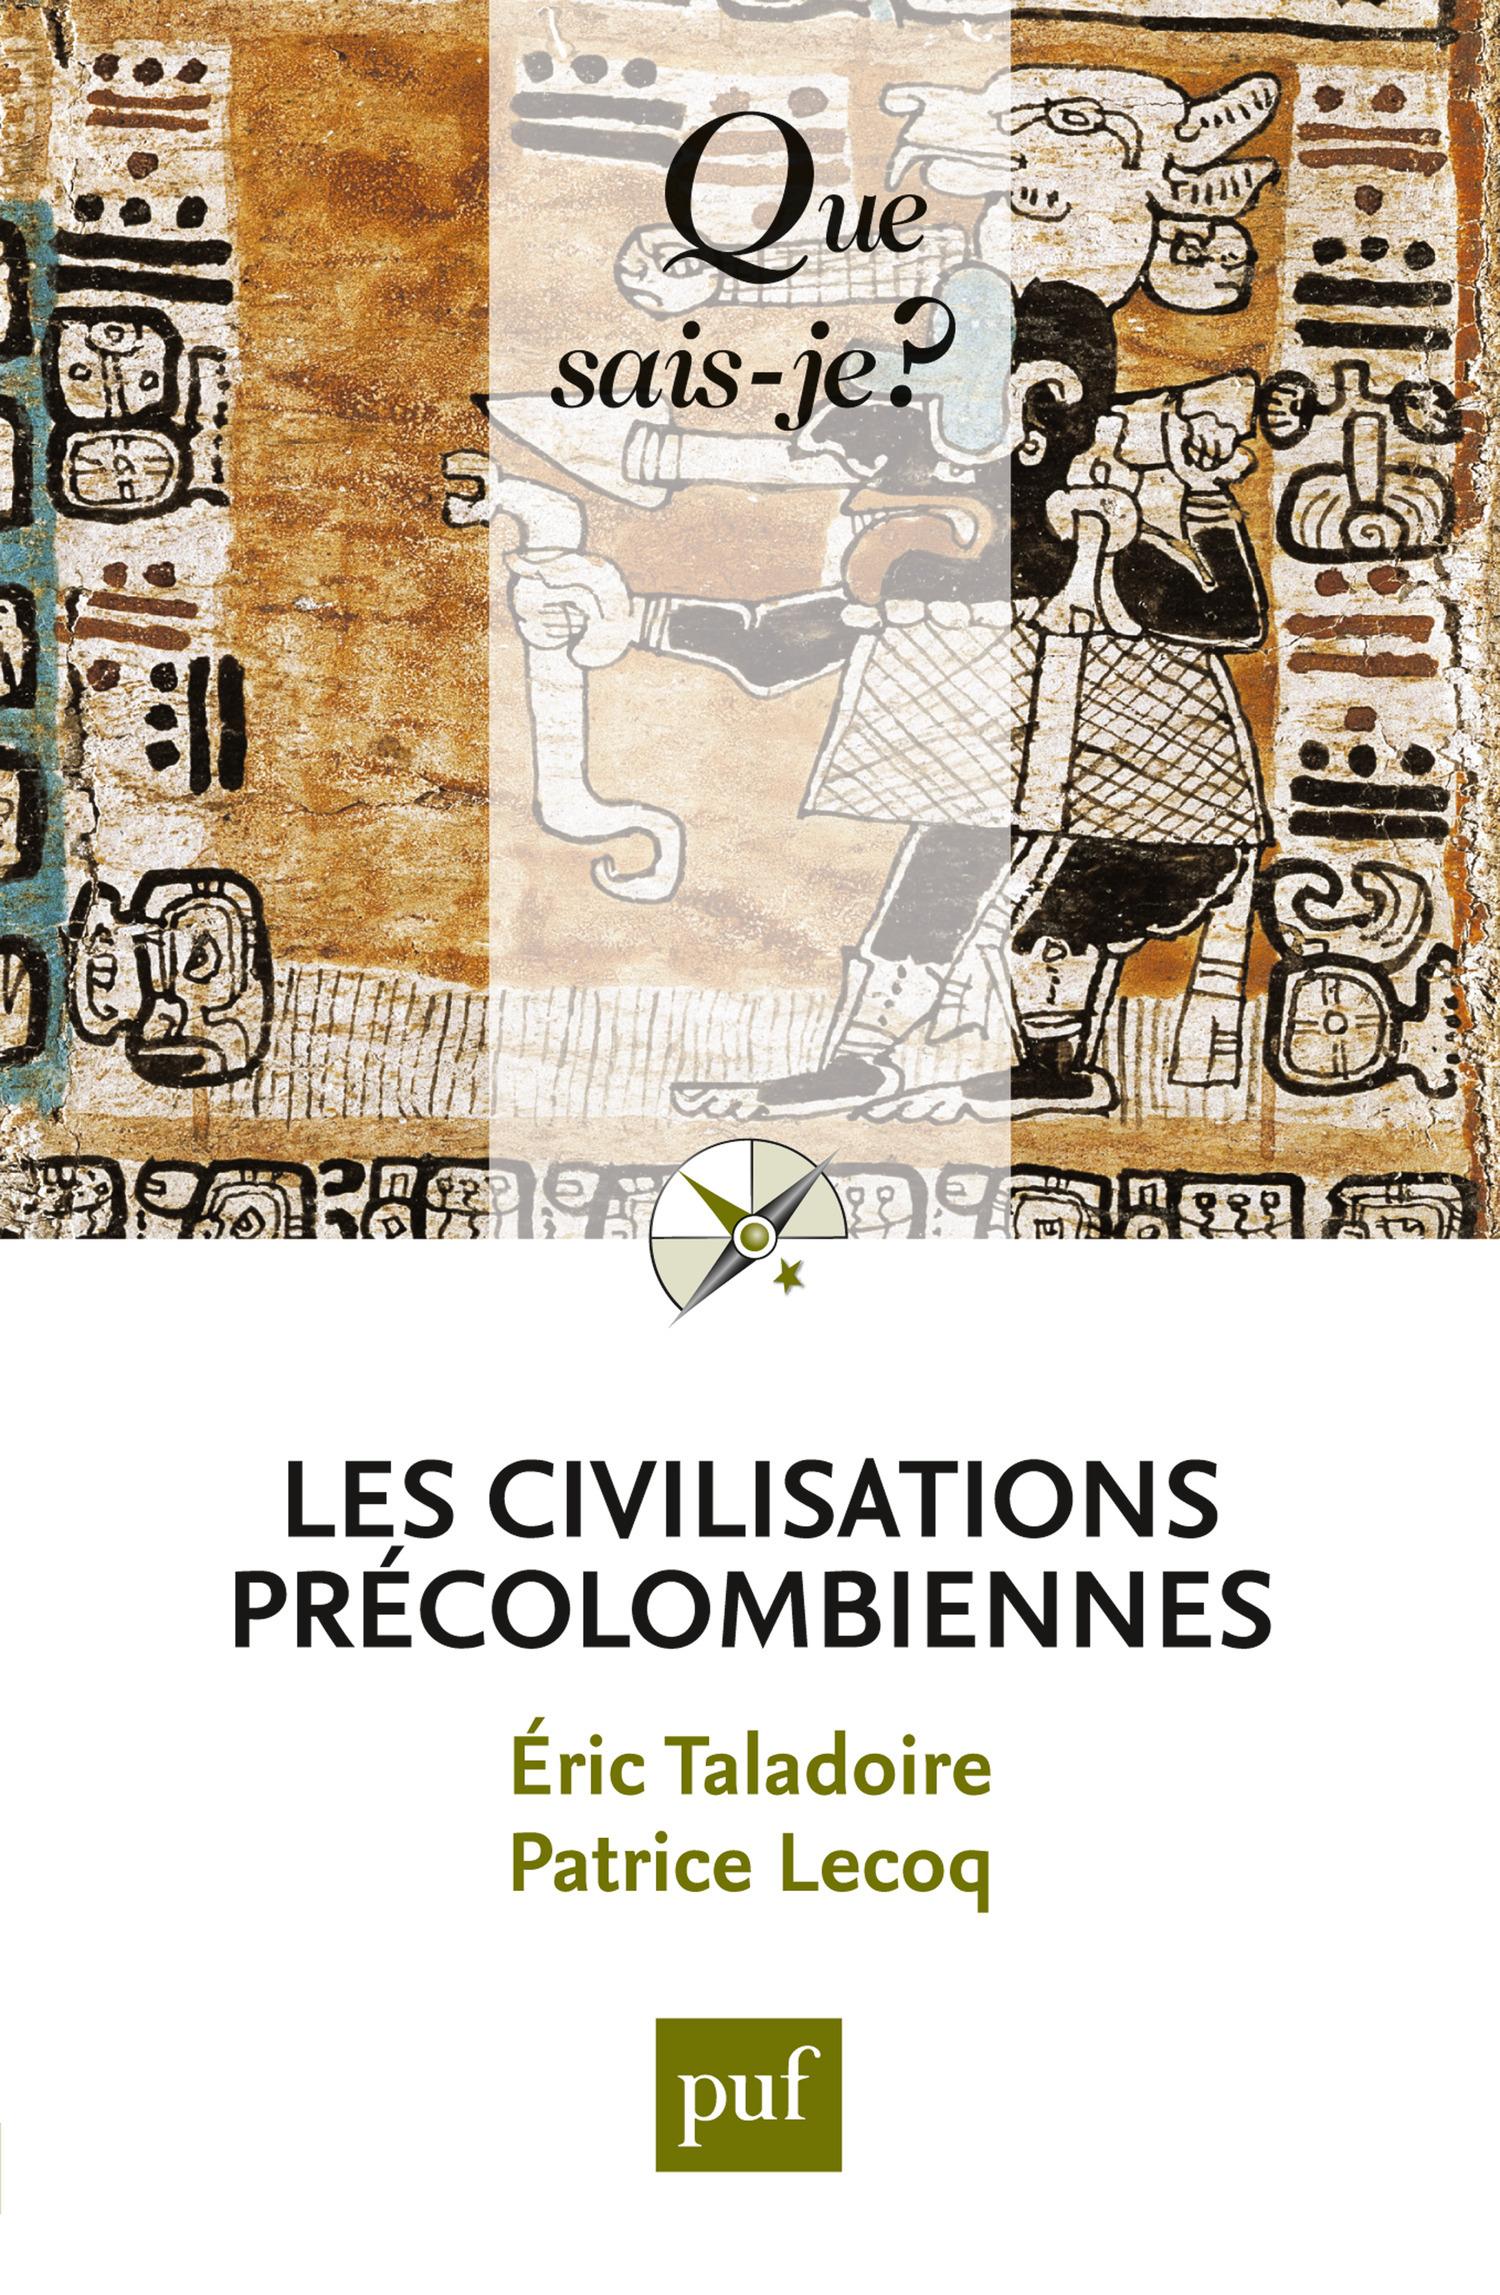 Eric Taladoire Les civilisations précolombiennes